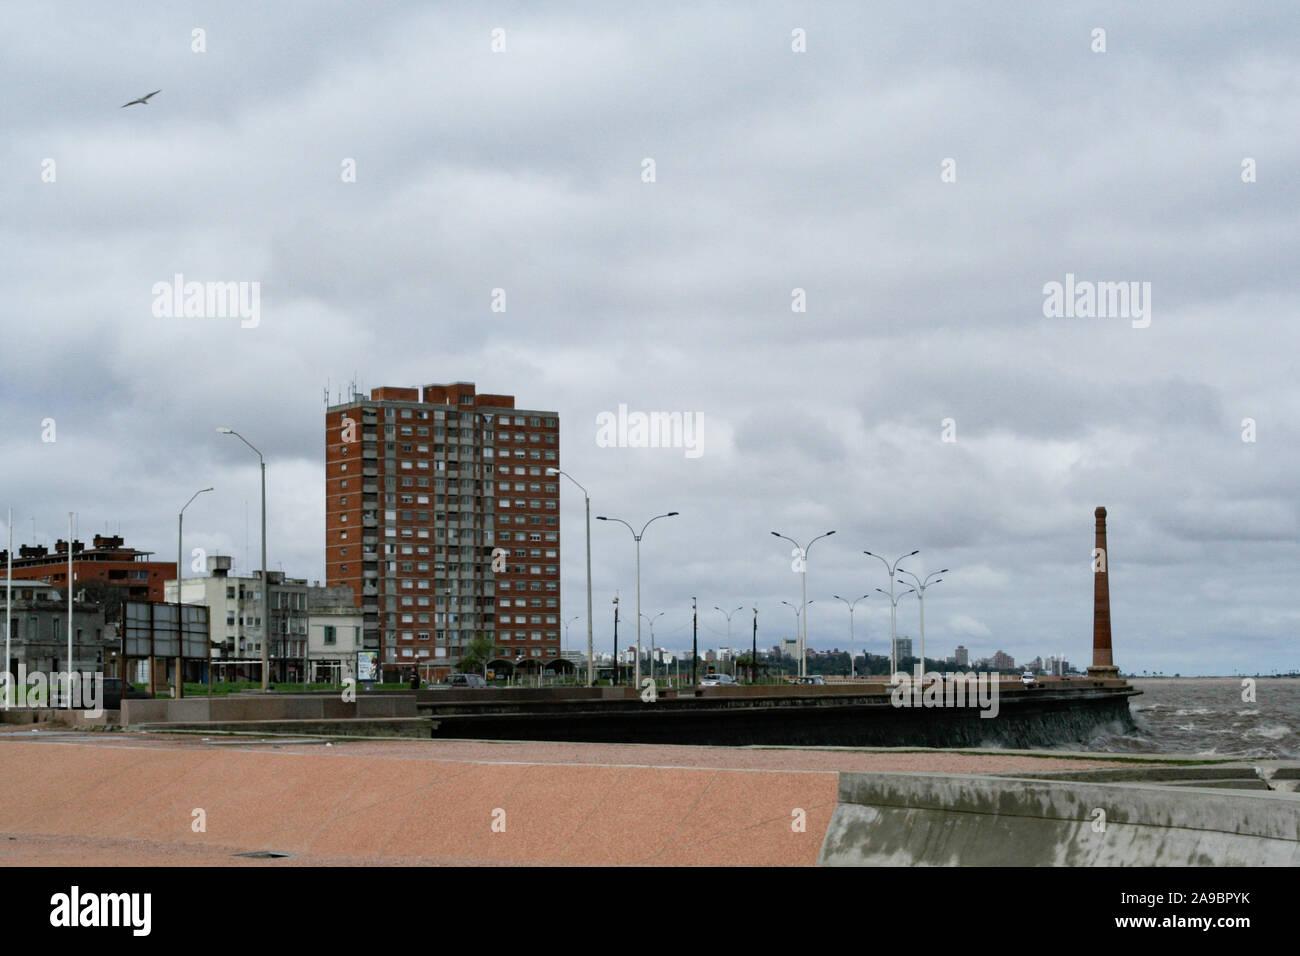 Montevideo, Uruguay. 19 Septembre, 2007. Vue extérieure de l'immeuble front de mer près de Rambla Francia, une avenue le long du littoral, et l'ancienne colonne vent tournant dans le quartier Ciudad Vieja/district dans la partie la plus ancienne de la ville de Montevideo, Uruguay. Banque D'Images